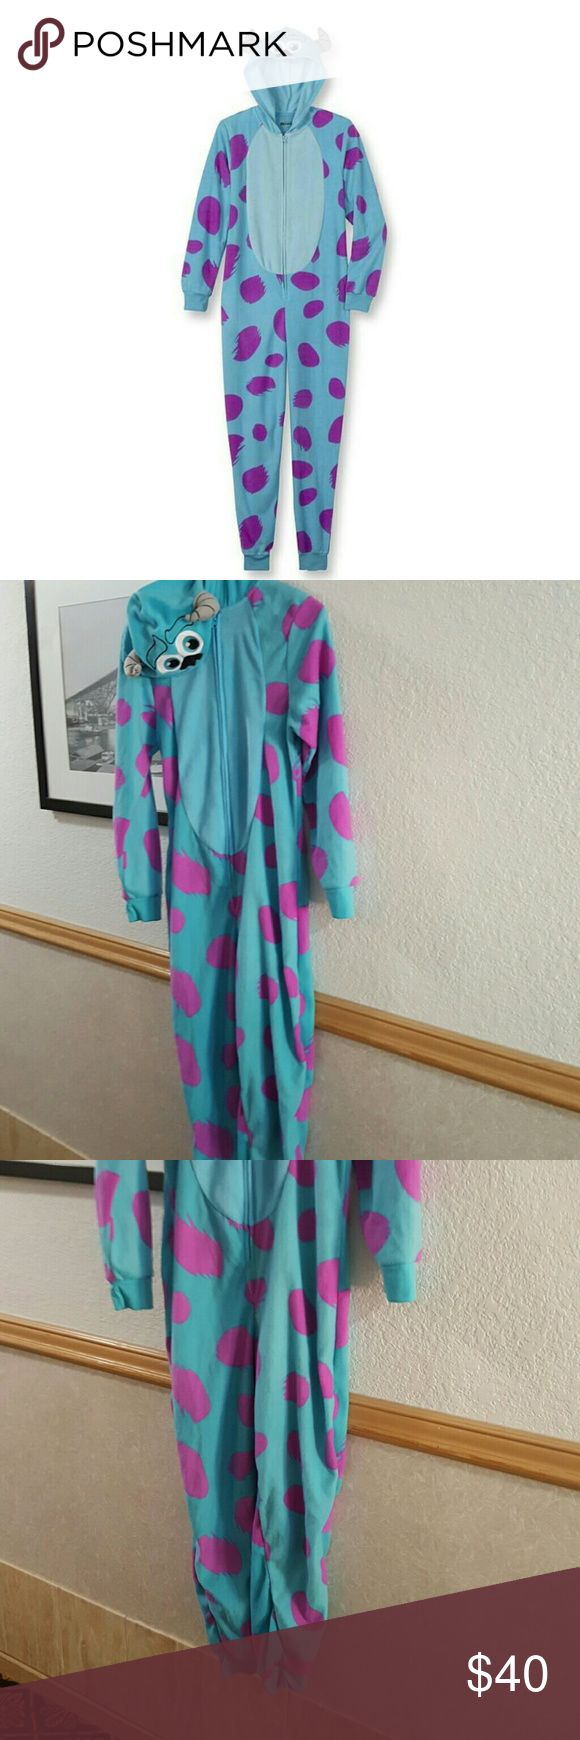 """Women's Disney Monsters, Inc. Hooded Onsie Pj Women's Disney Monsters, Inc. Hooded One-Piece Pajama Blue Sully Onesie. 56"""" not including hood Disney Intimates & Sleepwear Pajamas"""